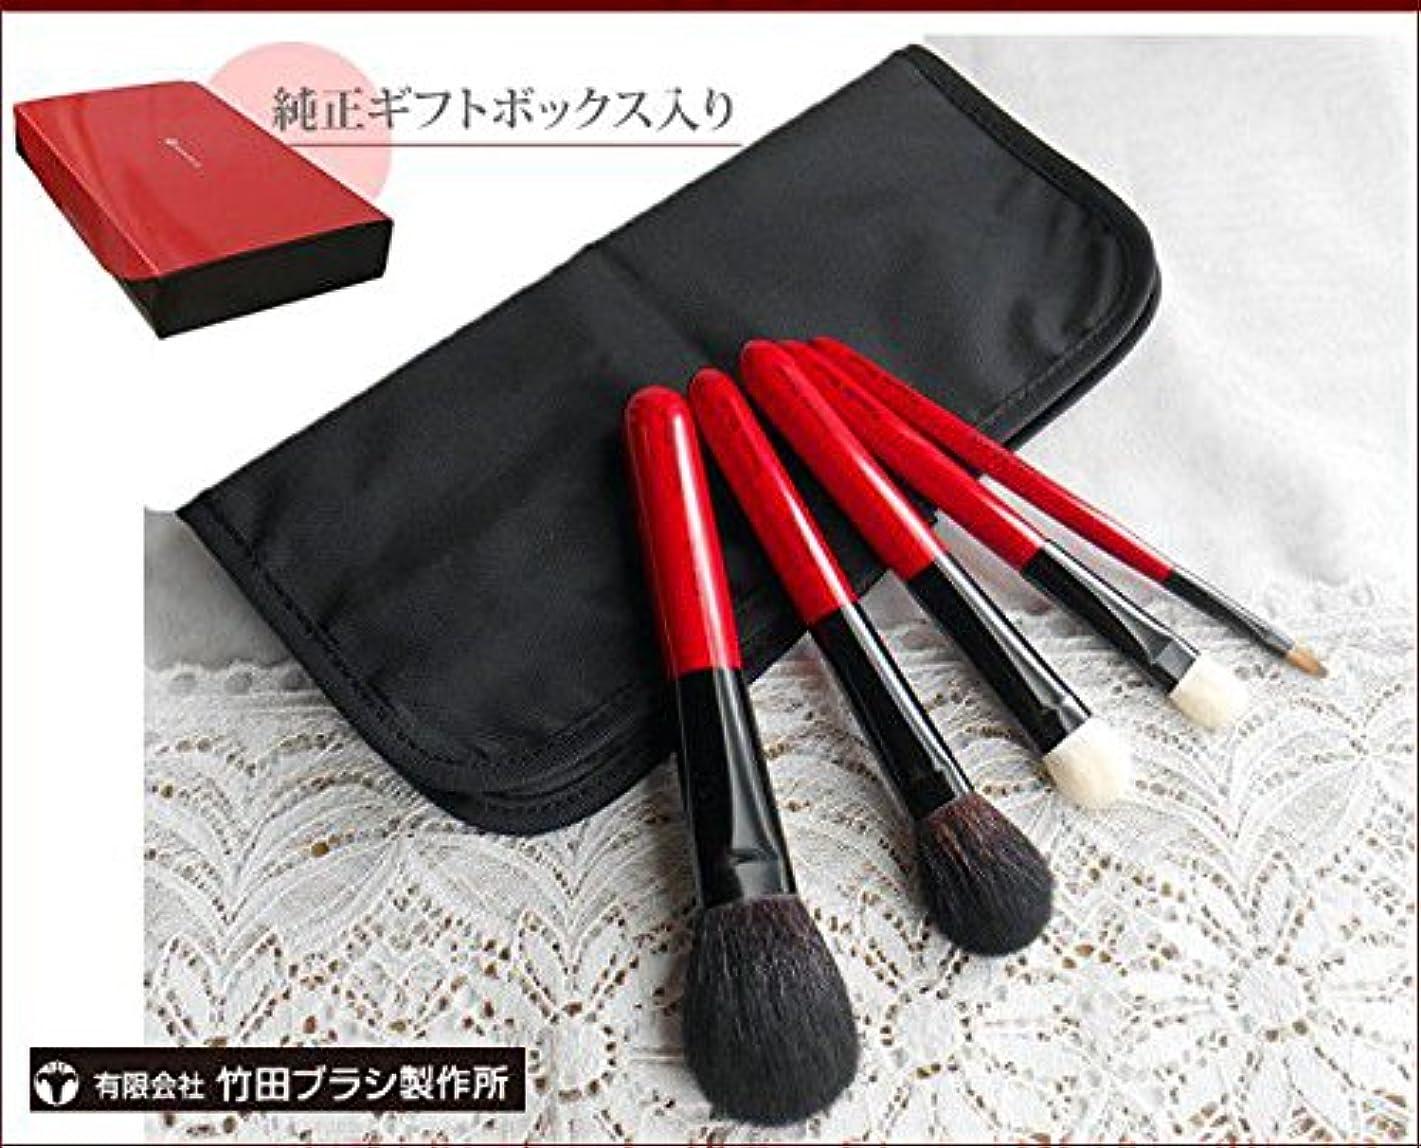 寛大な包帯加害者有限会社竹田ブラシ製作所の熊野化粧筆 特別5本セット